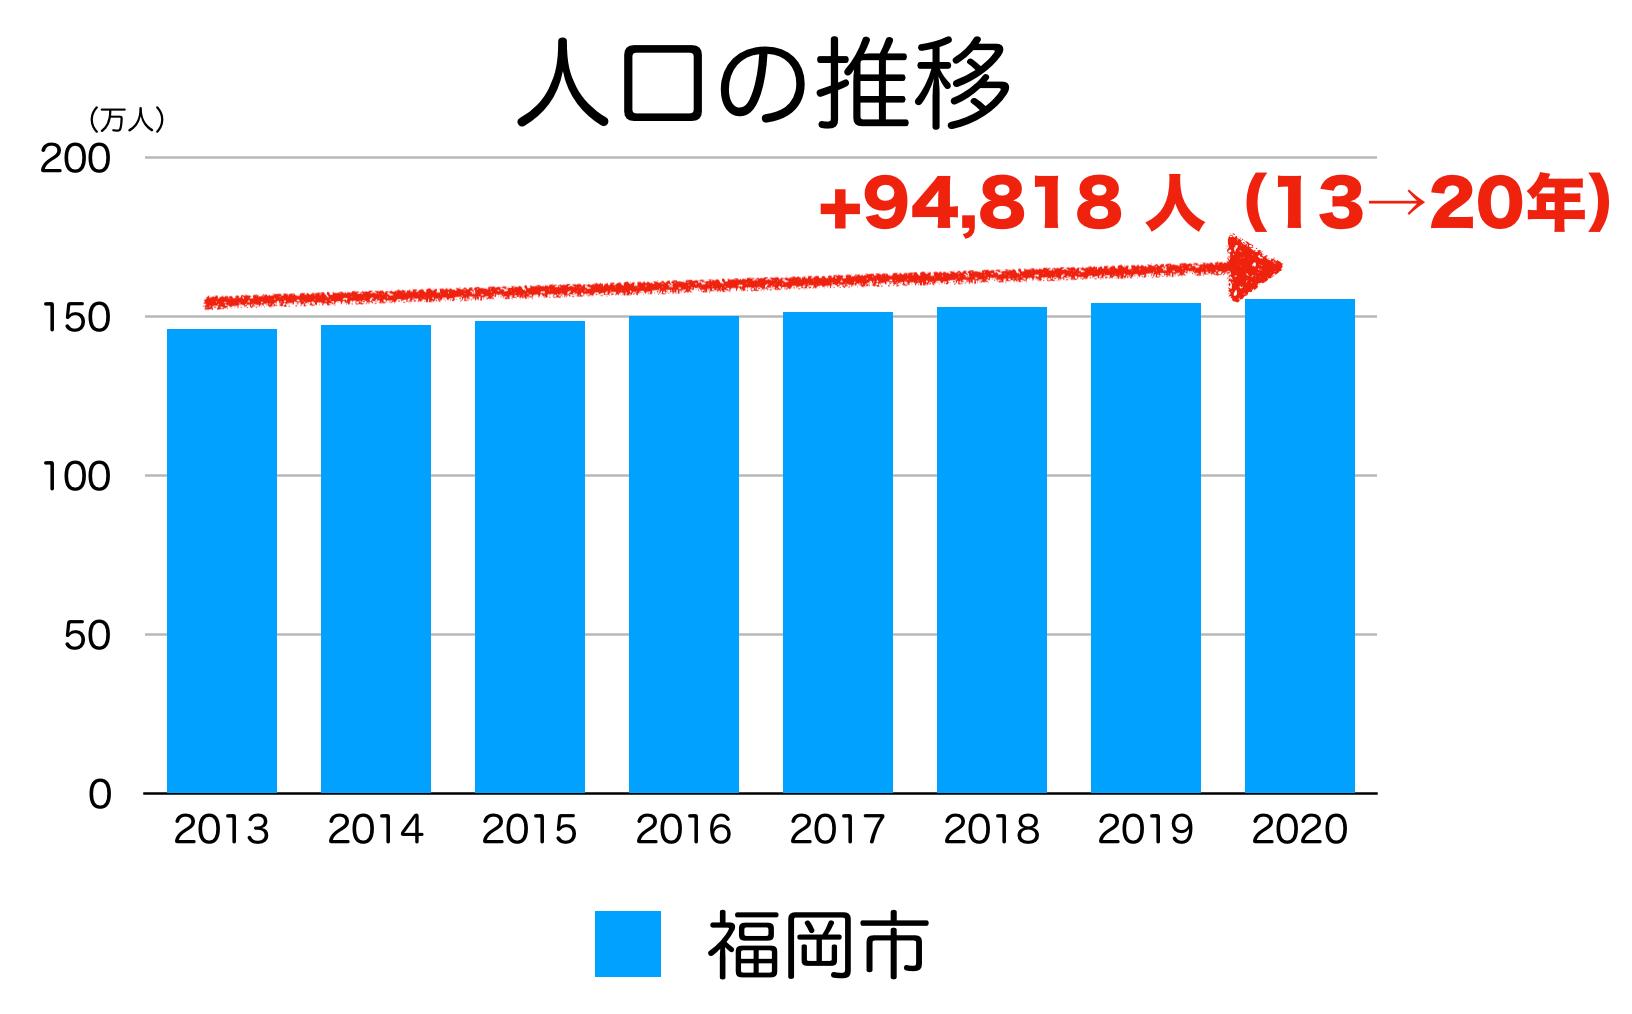 福岡市の人口推移